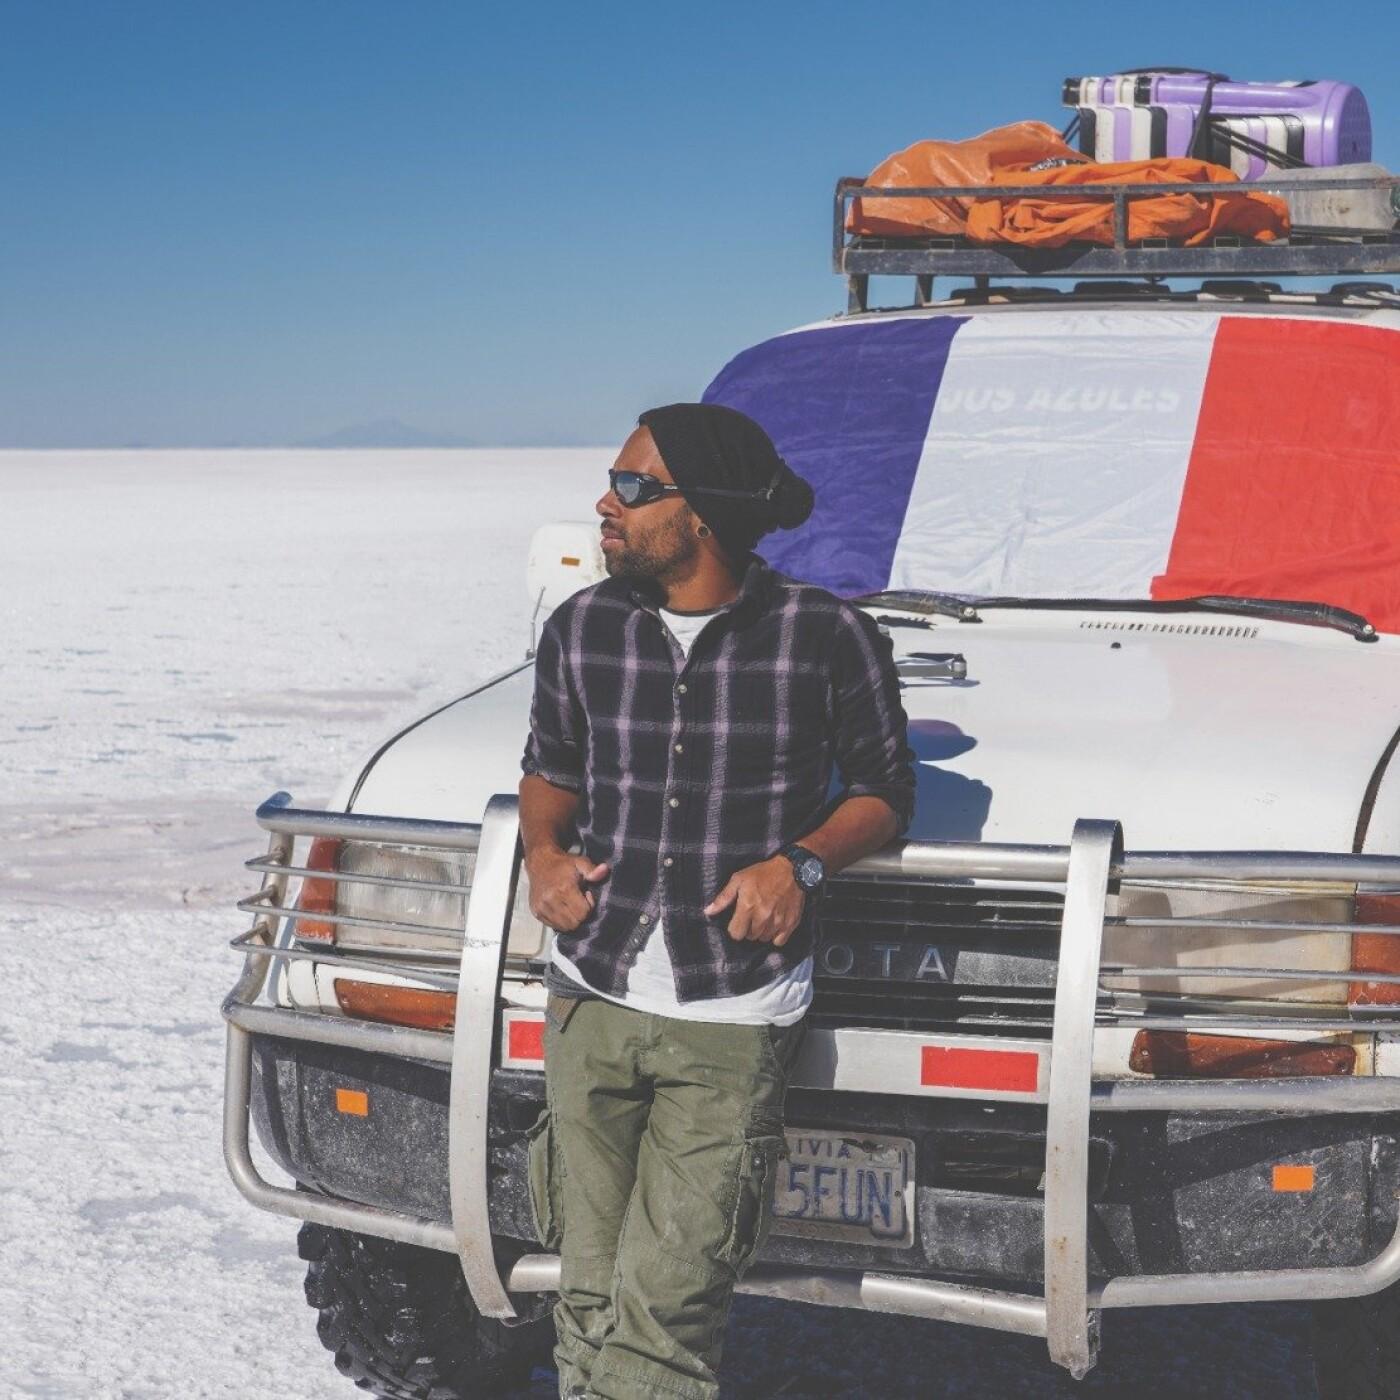 Mickatemmene prépare son sac à dos avant de partir pour un tour du monde de 16 mois - Globe Trotter 13 02 - Mars 2021 - StereoChic Radio